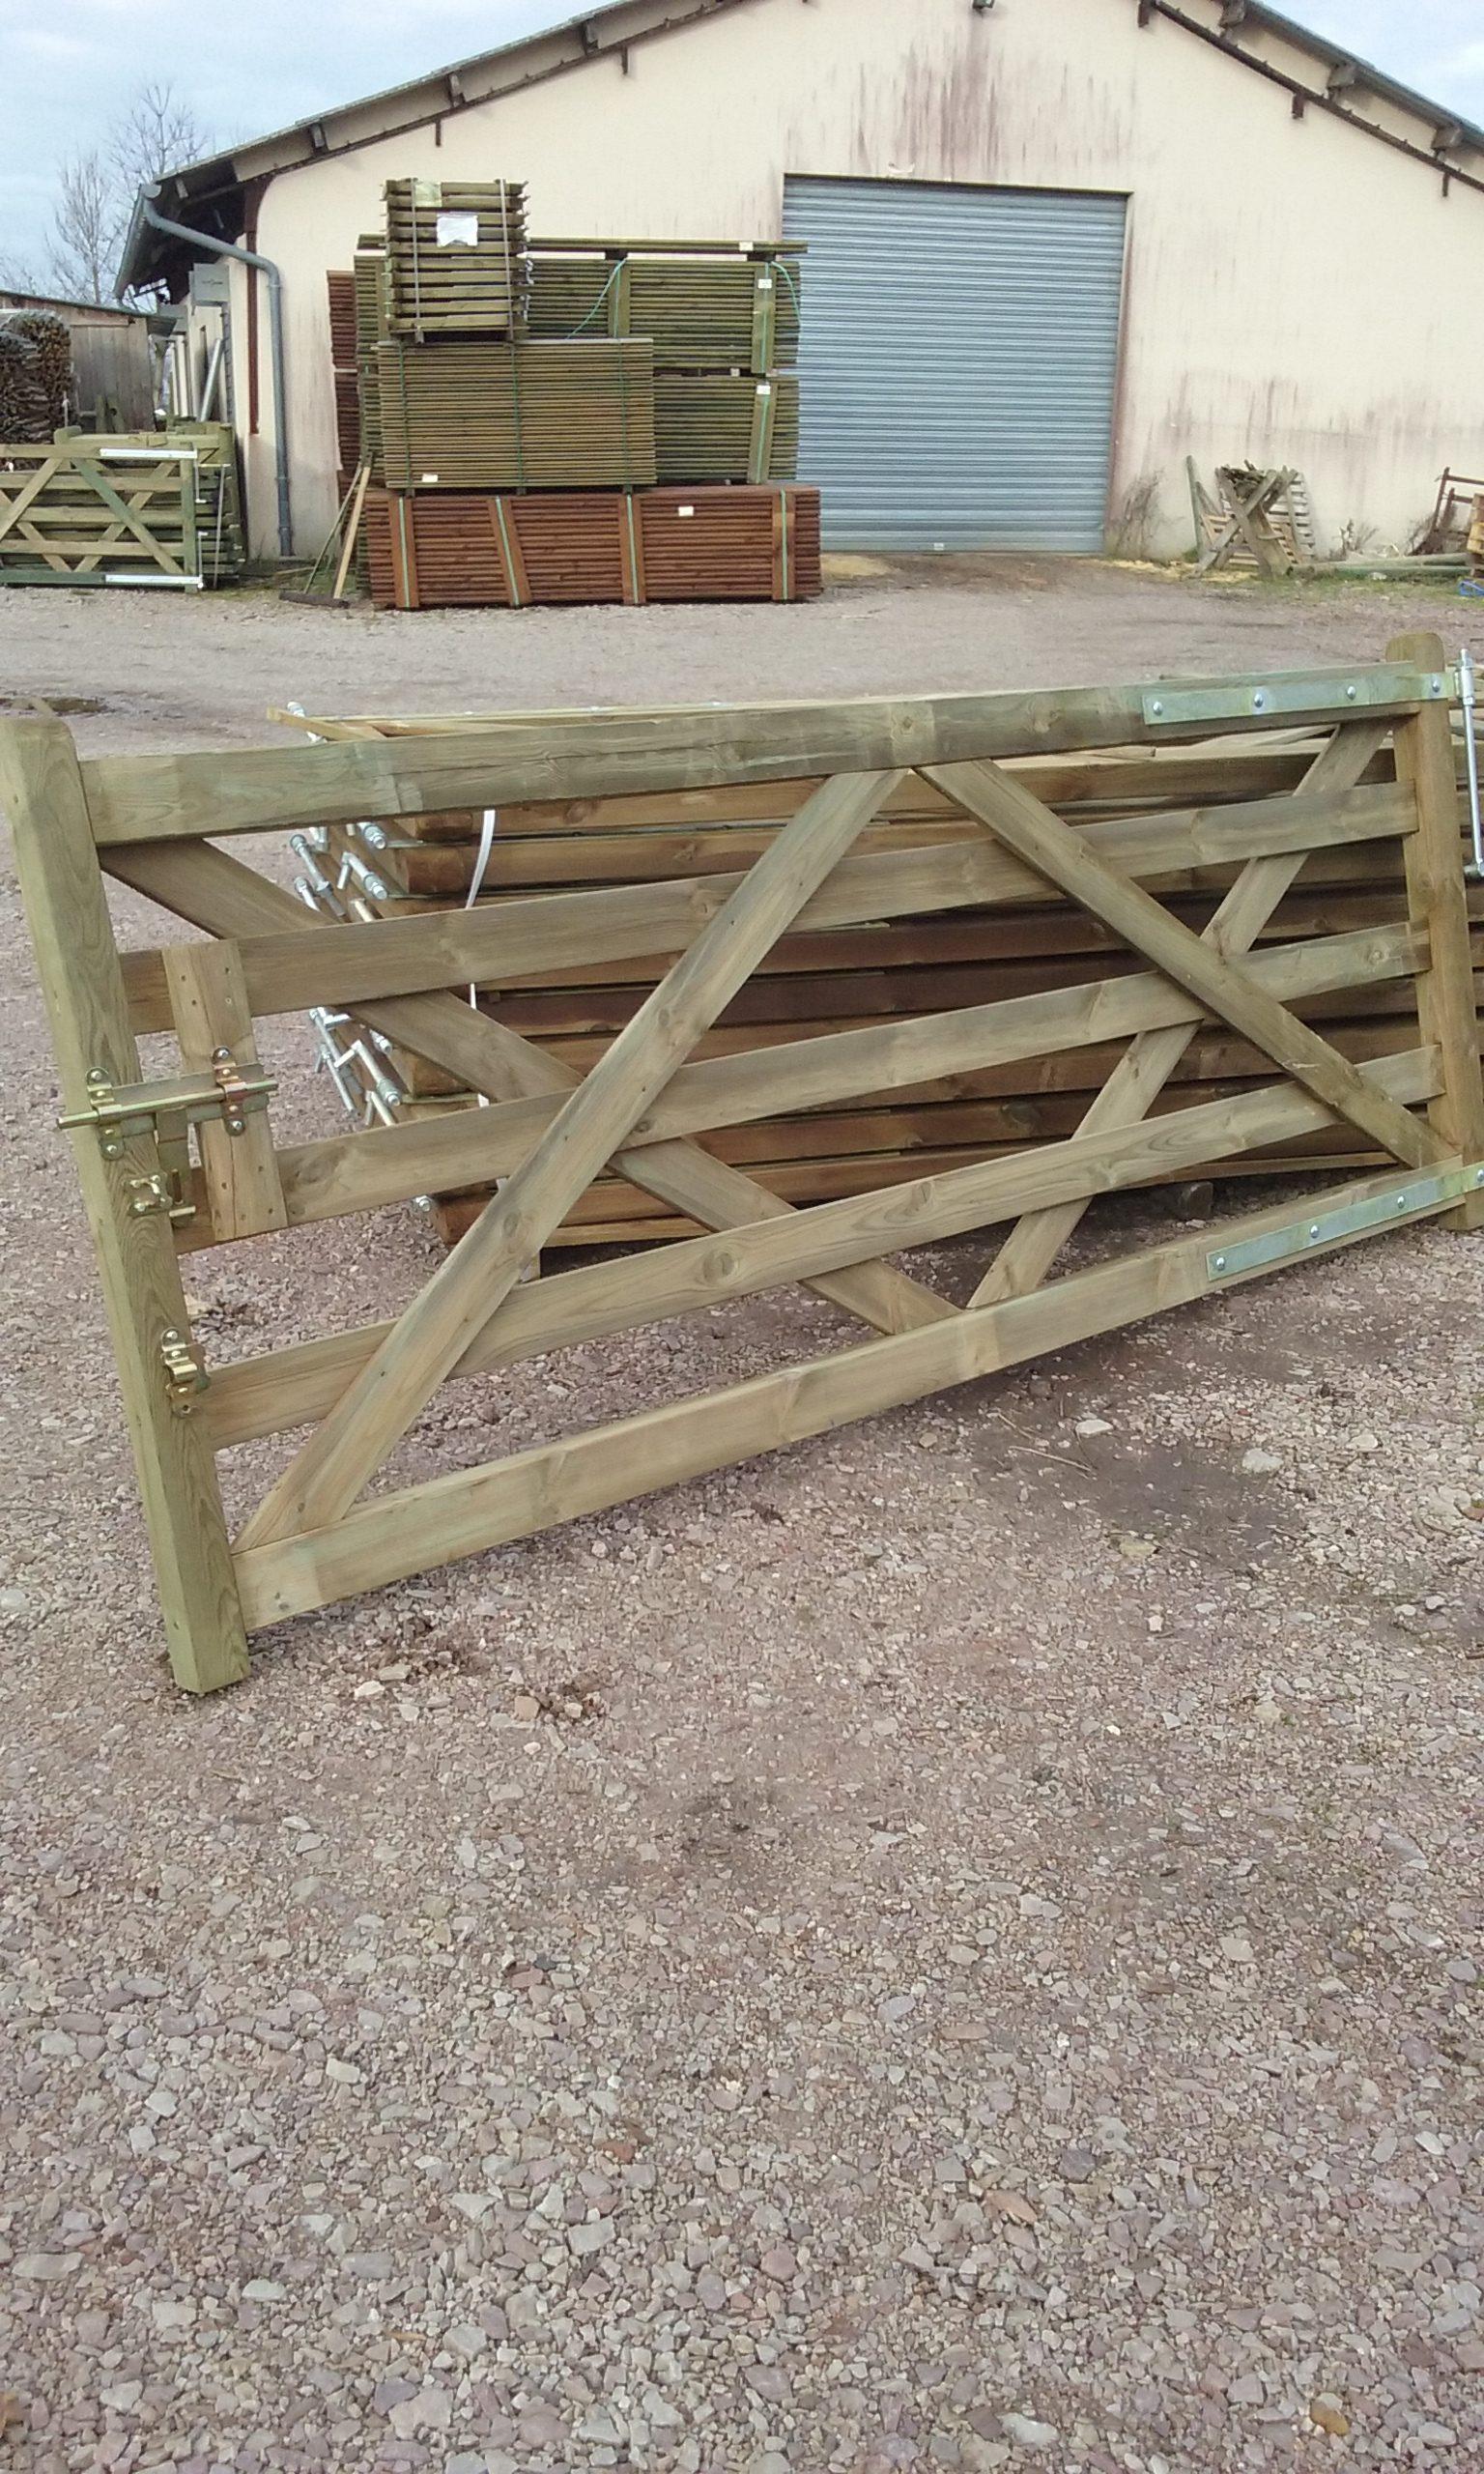 Barri re bois lg qualitybois - Fabriquer une barriere en bois ...